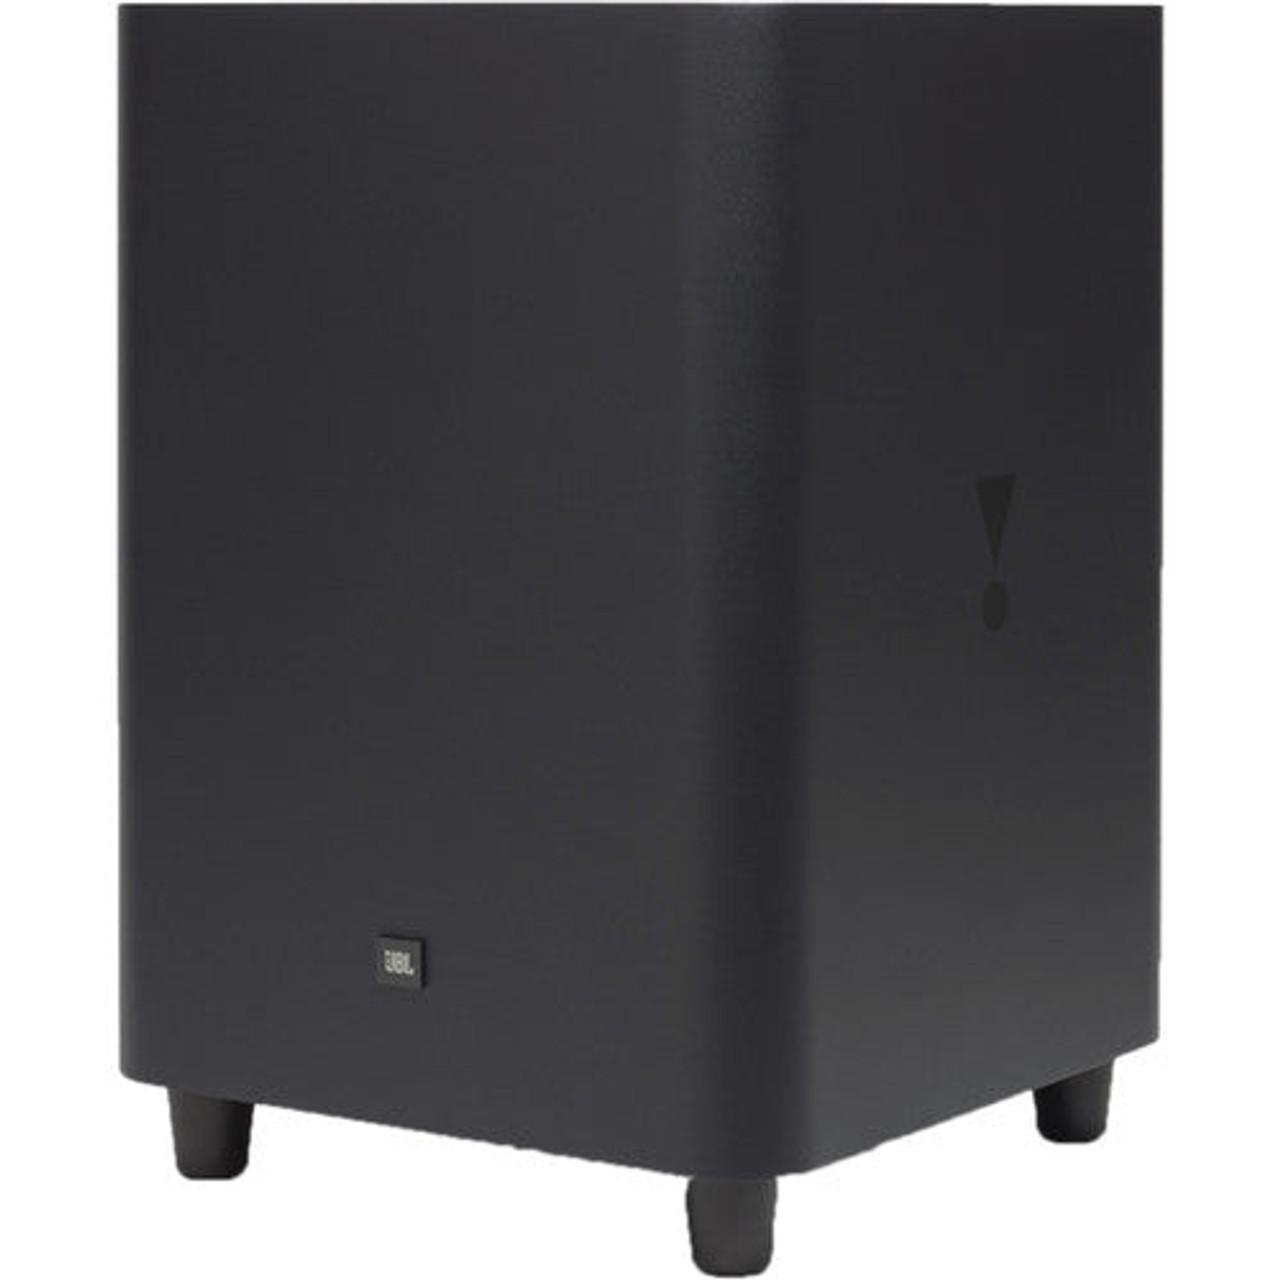 """JBL JBLSW10BLKAM-Z 10"""" 150W Wireless Powered Subwoofer - Certified Refurbished"""